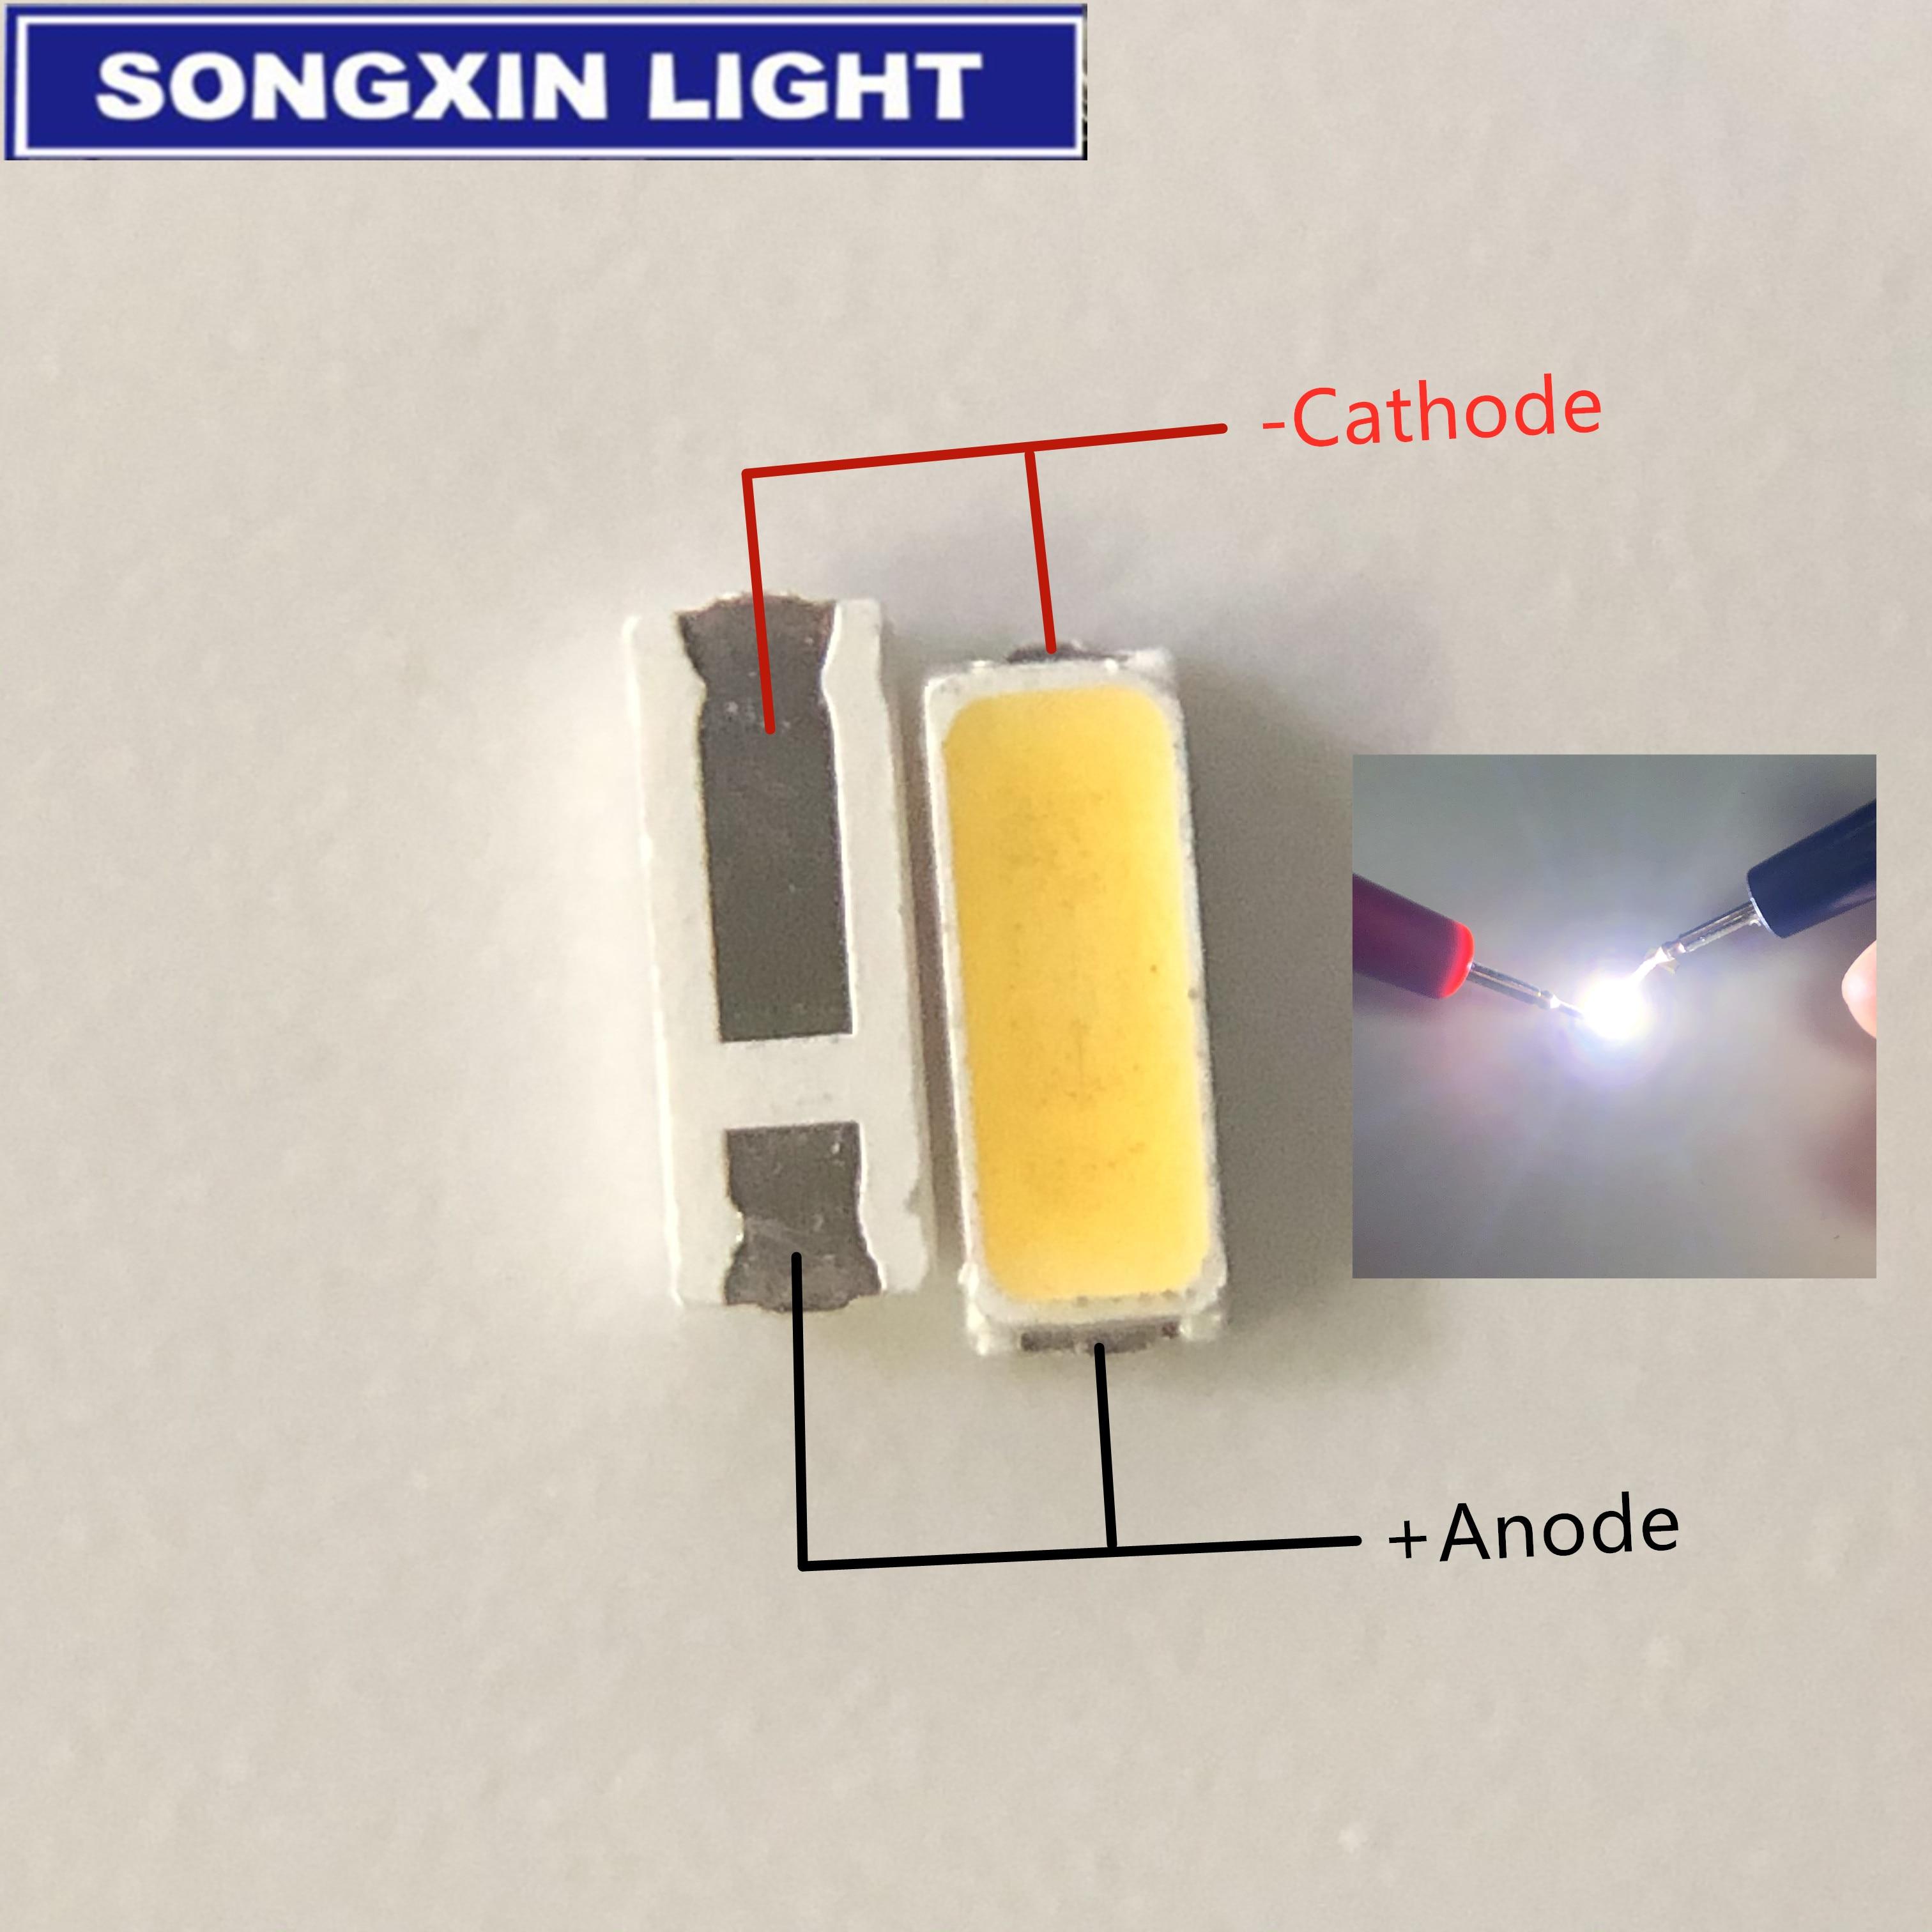 500 шт. светодиодный светильник JUFEI LED подсветка 0,3 Вт 3В 4014 холодный белый 90ма ЖК Подсветка для ТВ приложения 01.JT. CB414BF-BC